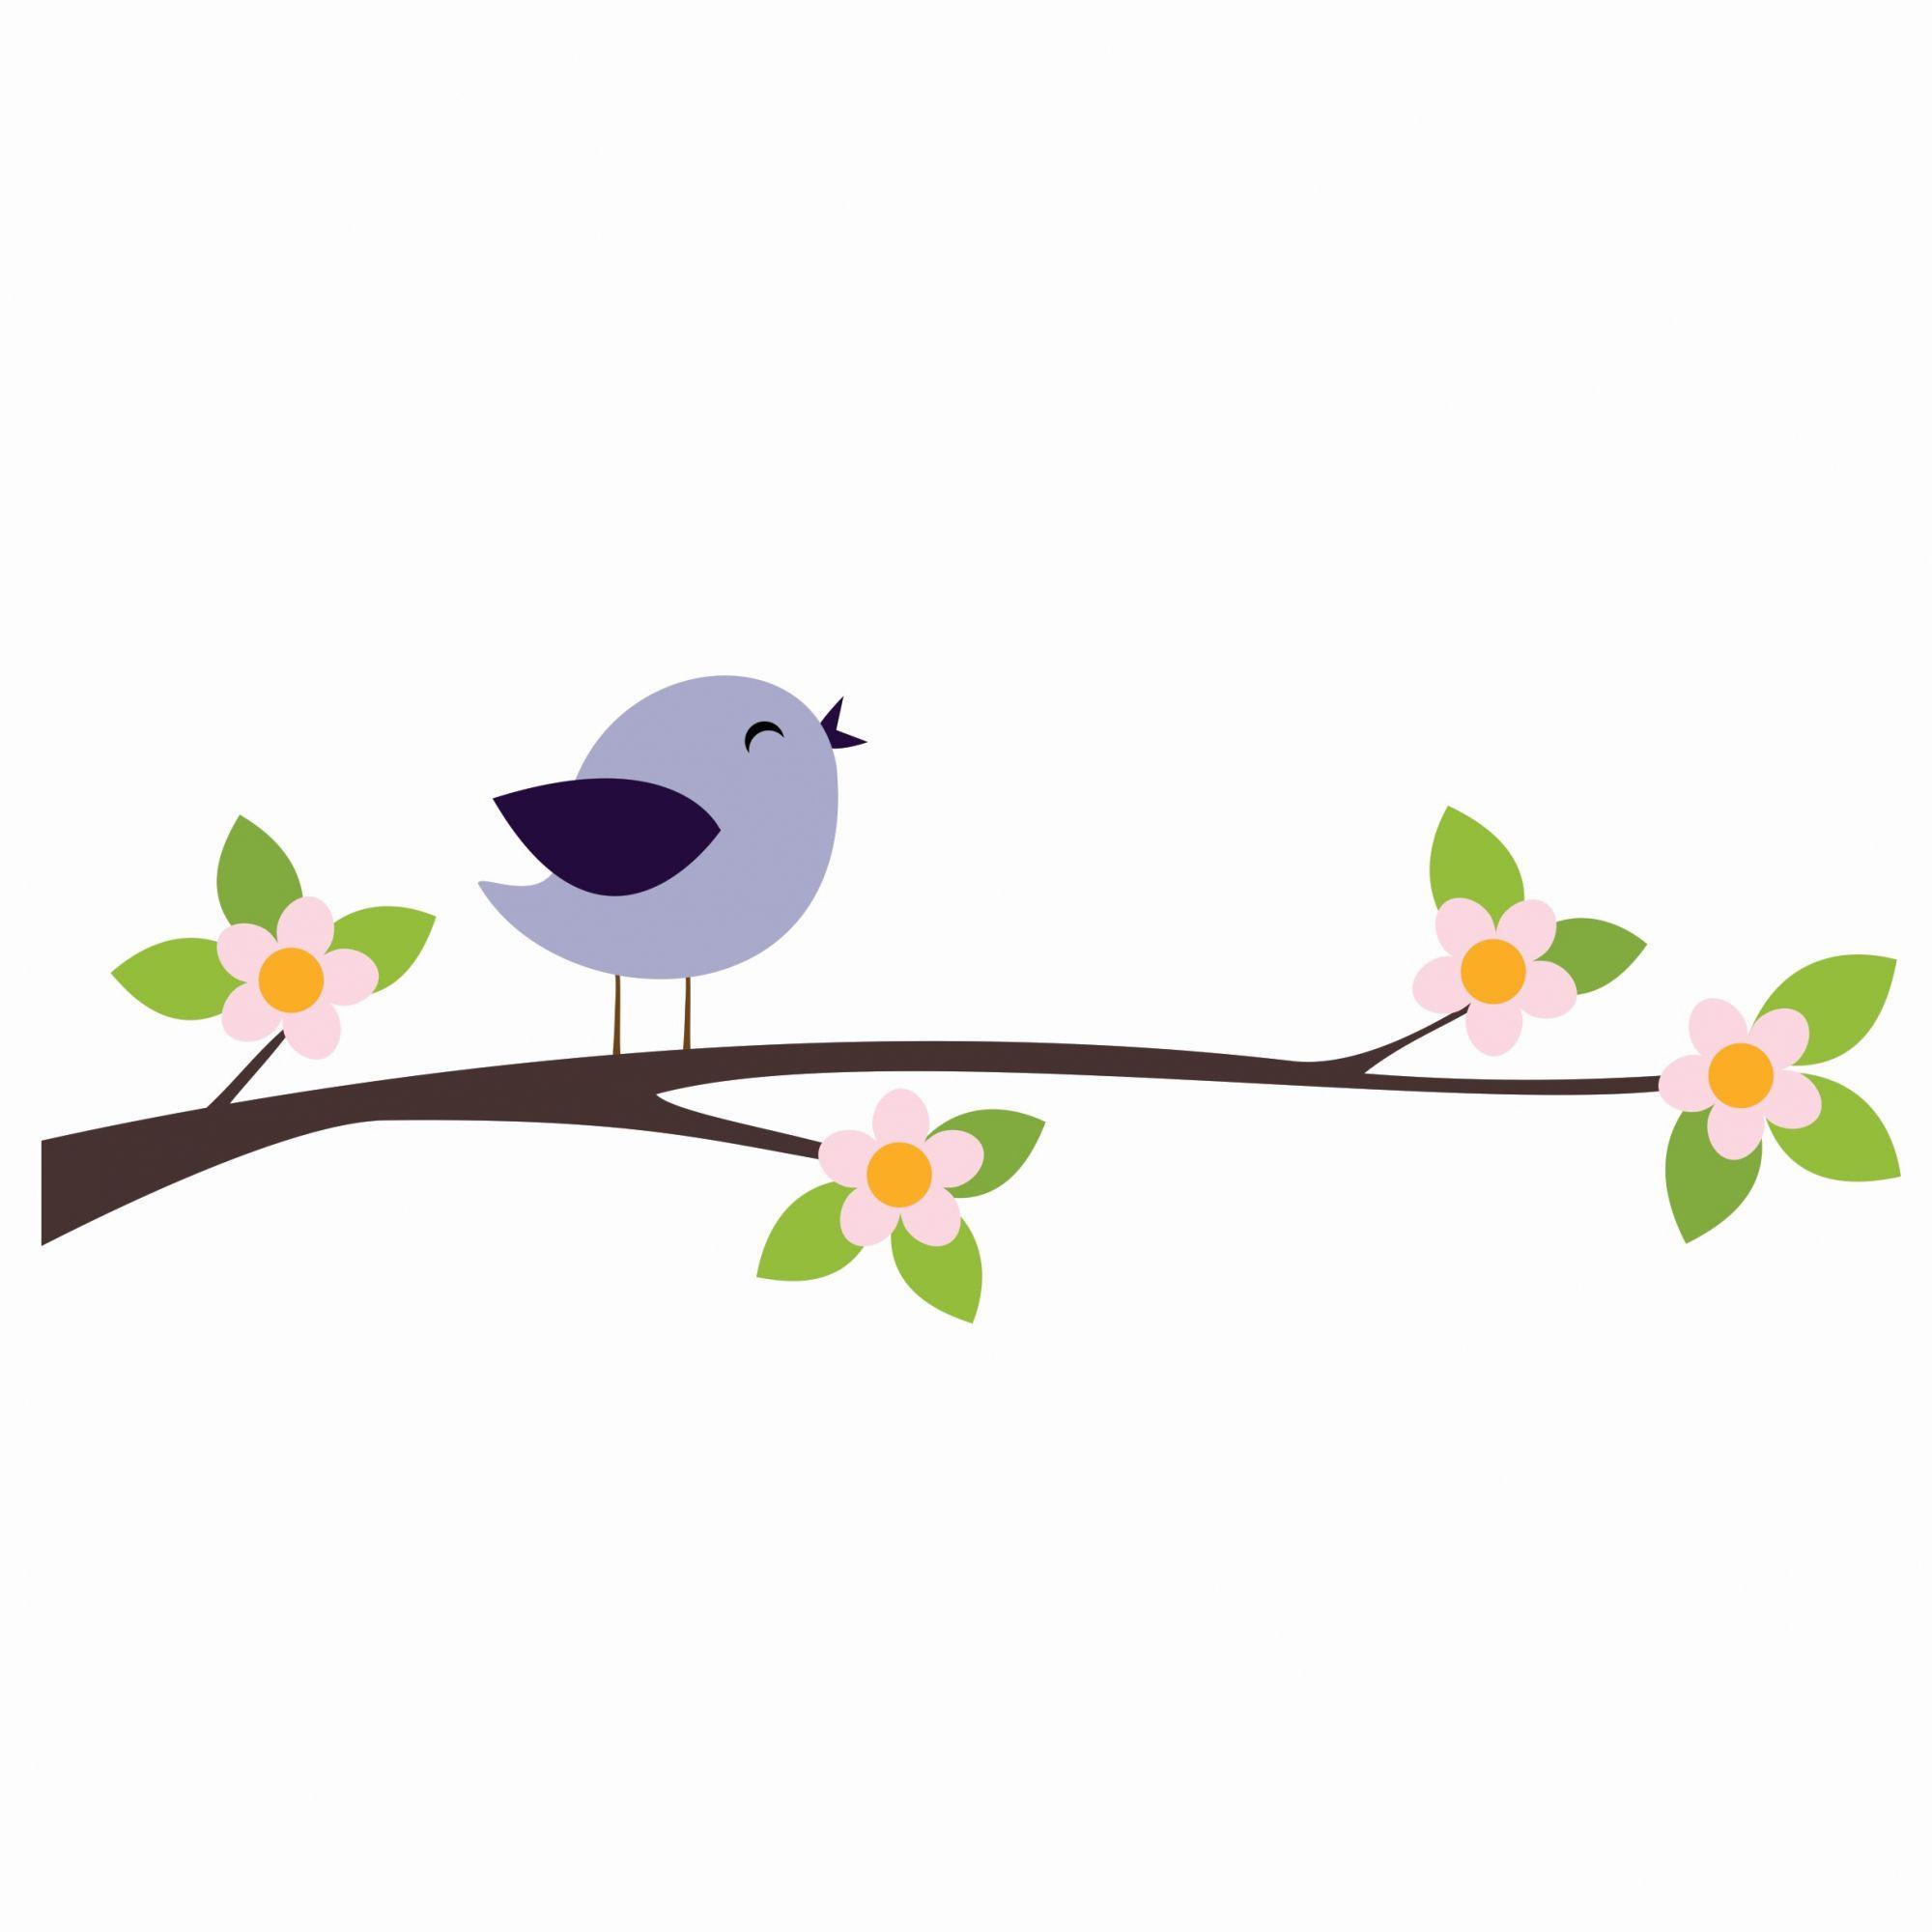 Adesivo pássaro roxo